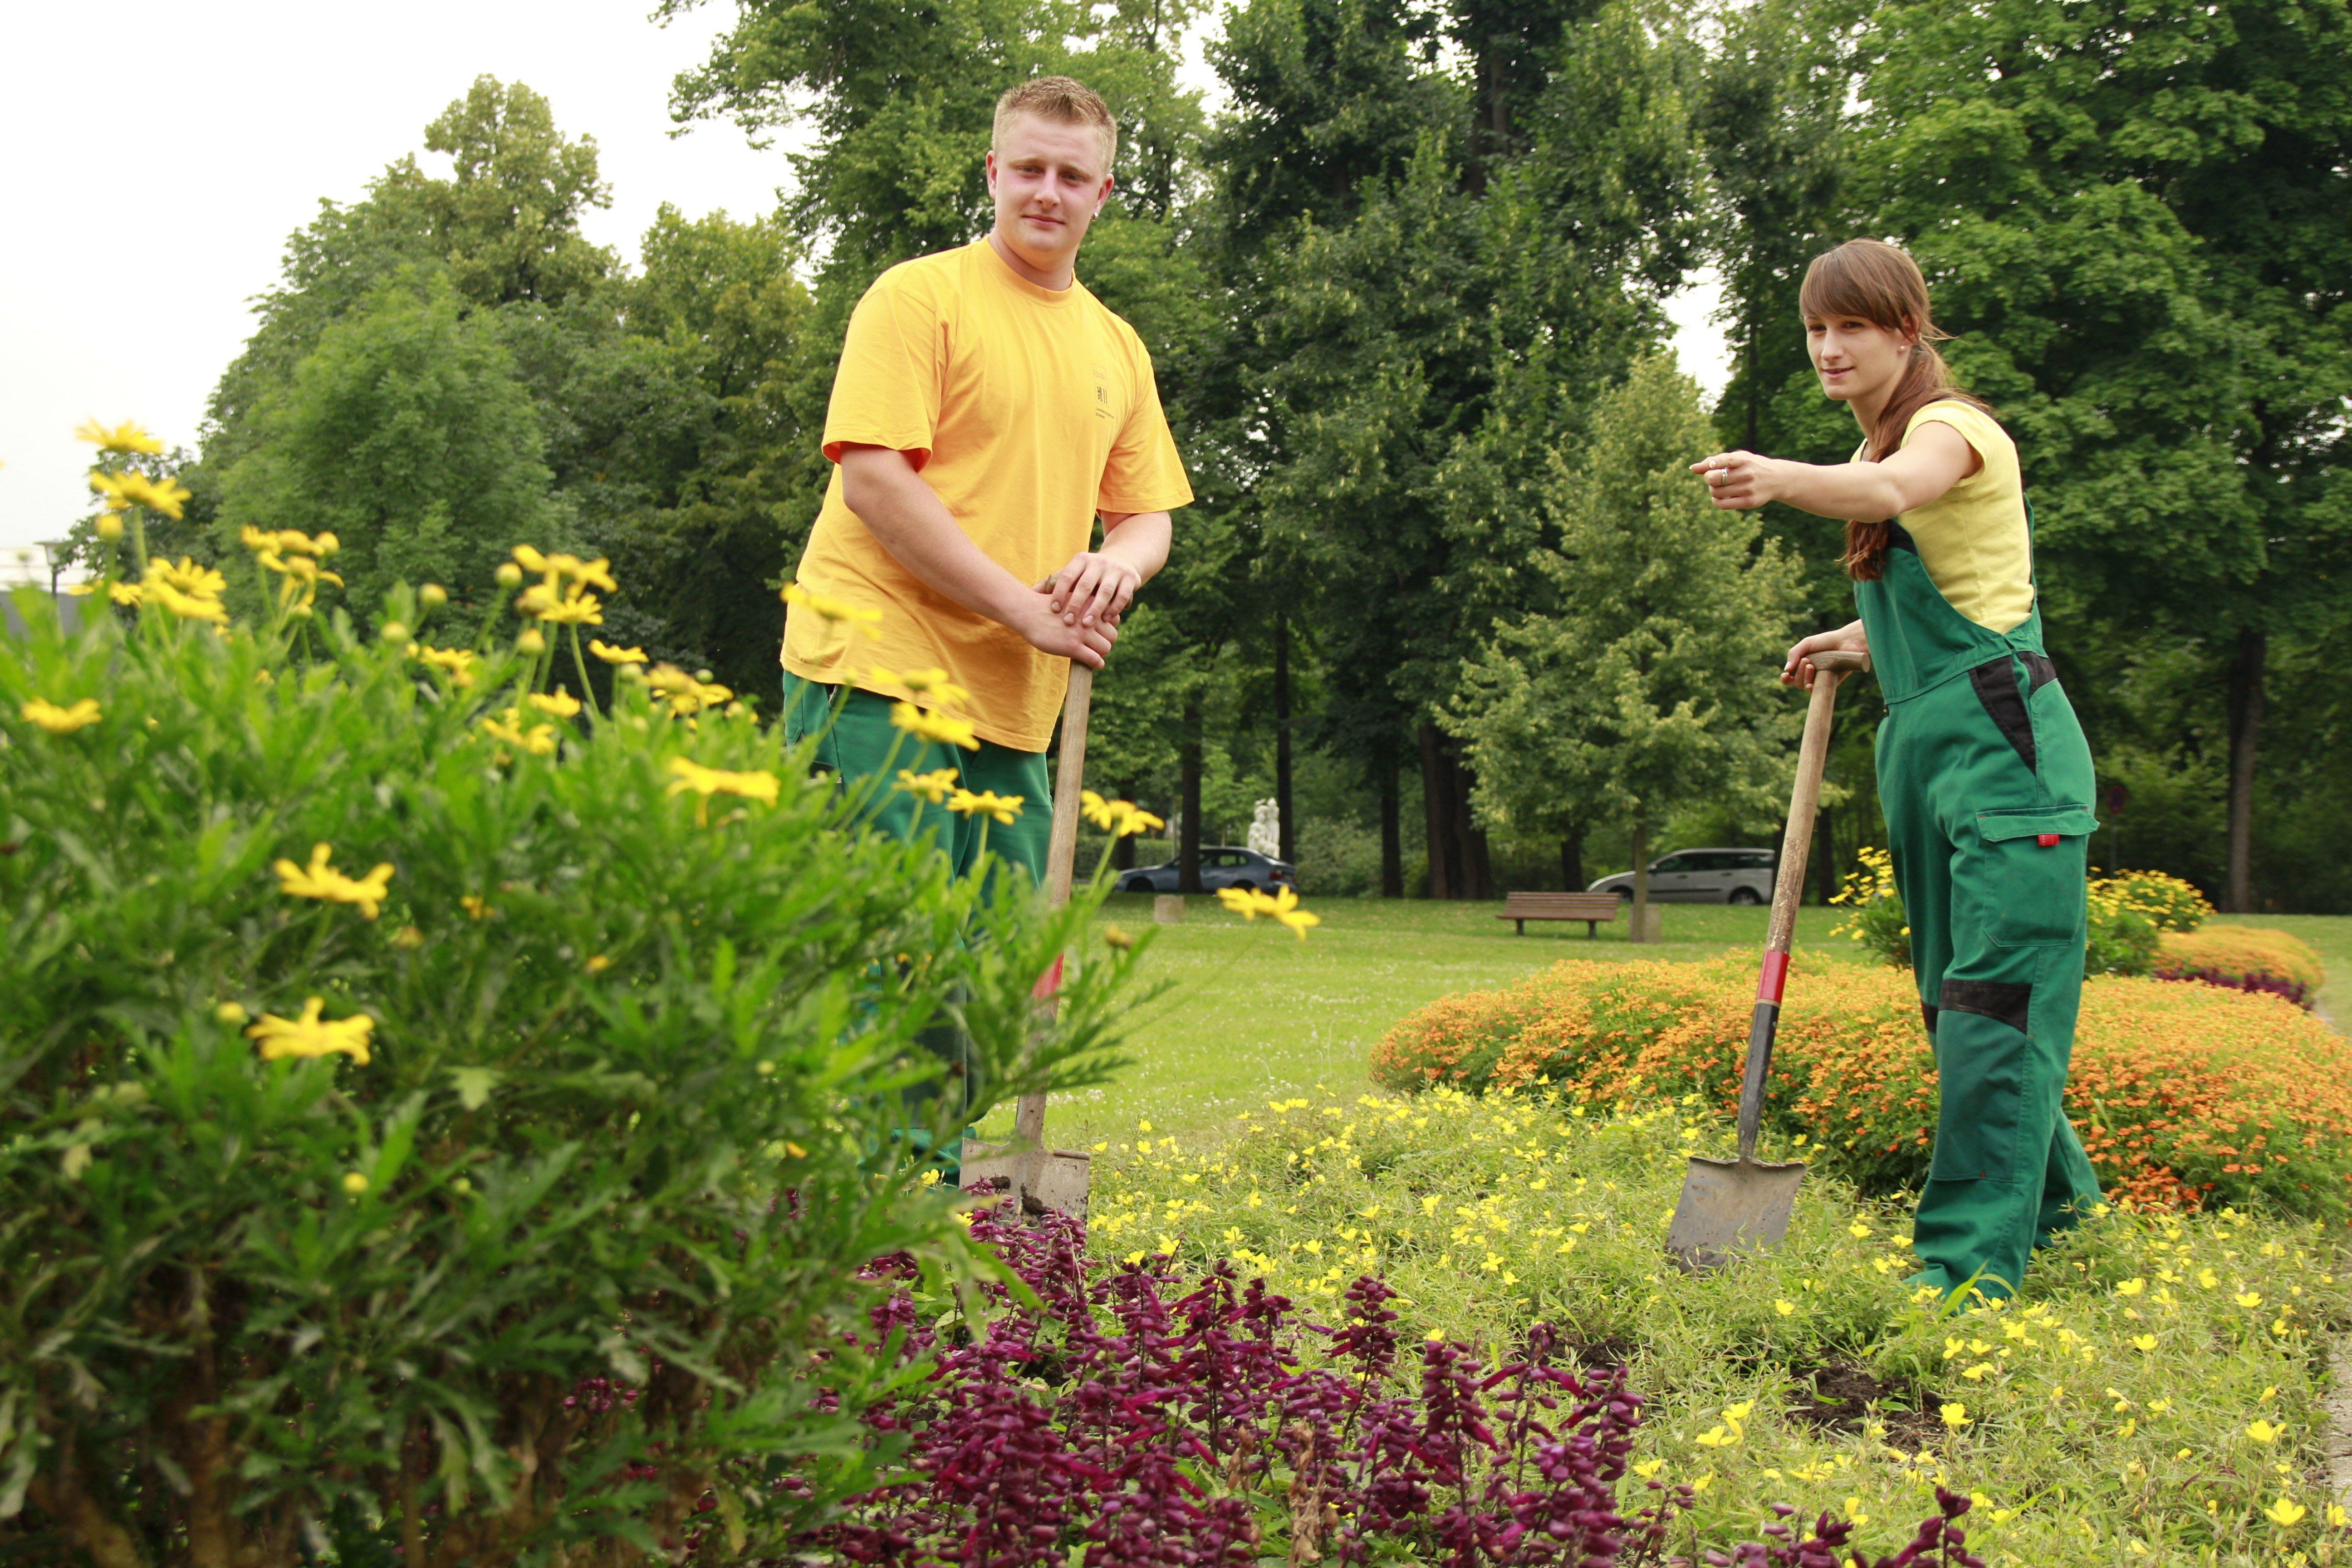 Gärtnerin Für Garten Und Landschaftsbau Landeshauptstadt Dresden